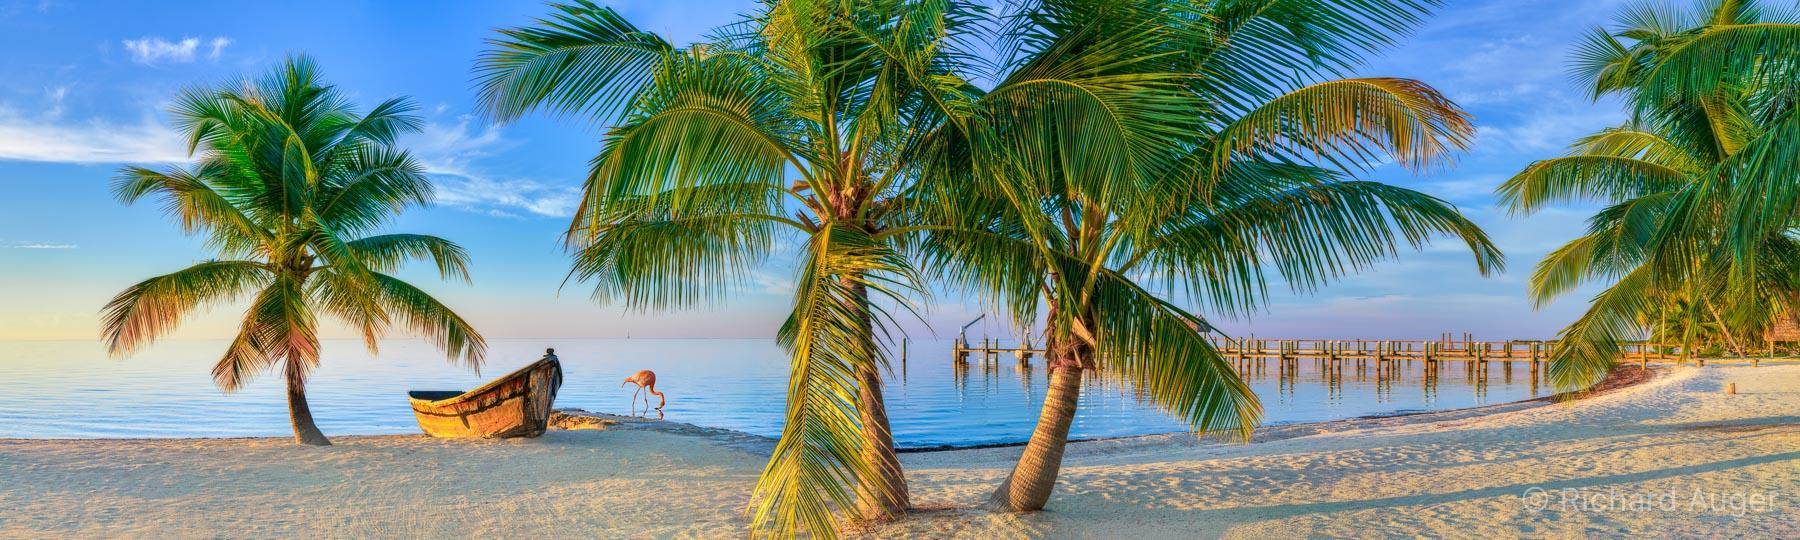 Islamorada, Florida Keys, Palm Trees, Beach, Boat, Nautical, Sunrise, Flamingo, Sand, Peaceful